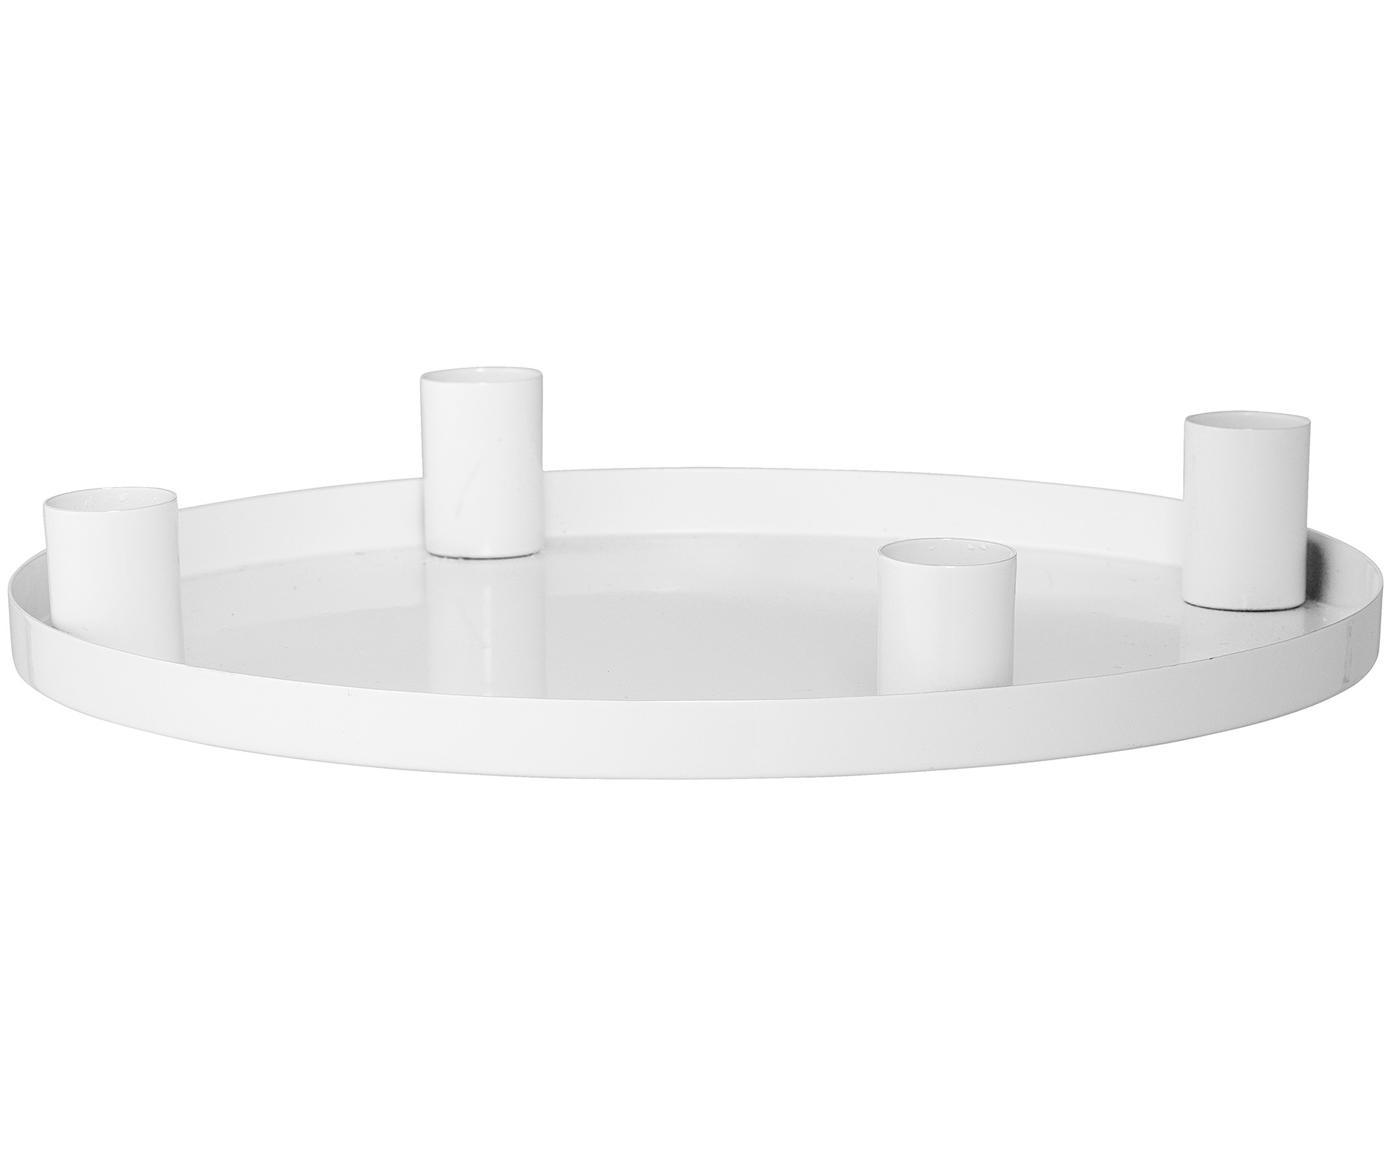 Świecznik Advent, Metal powlekany, Biały, Ø 25 x W 4 cm